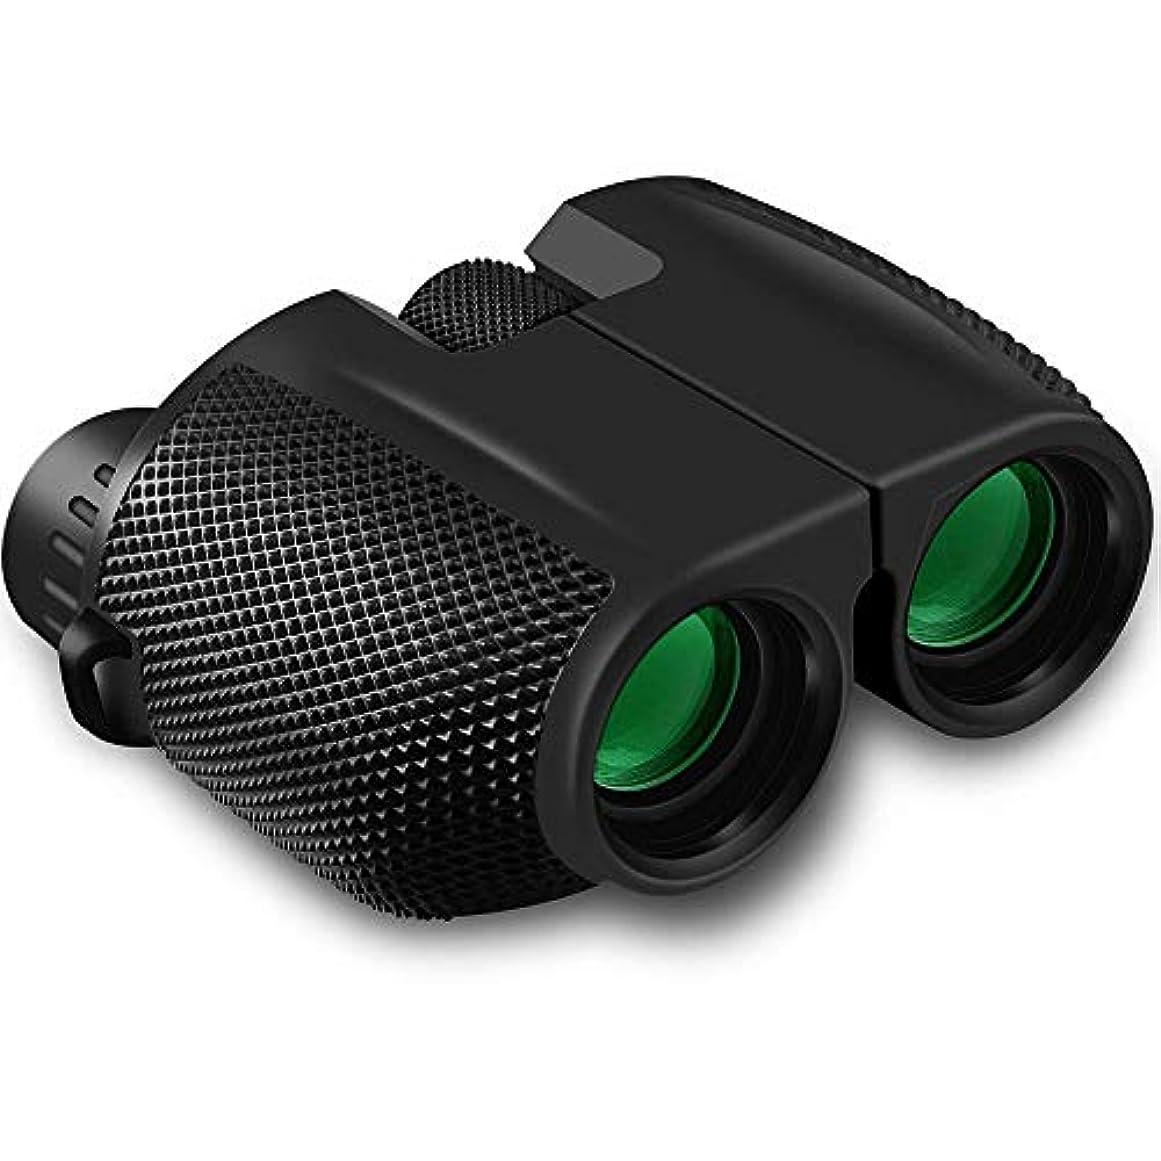 器官スタック人種双眼鏡10×25高精細多層コーティングローライトナイトビジョン望遠鏡用旅行パフォーマンスボールゲーム